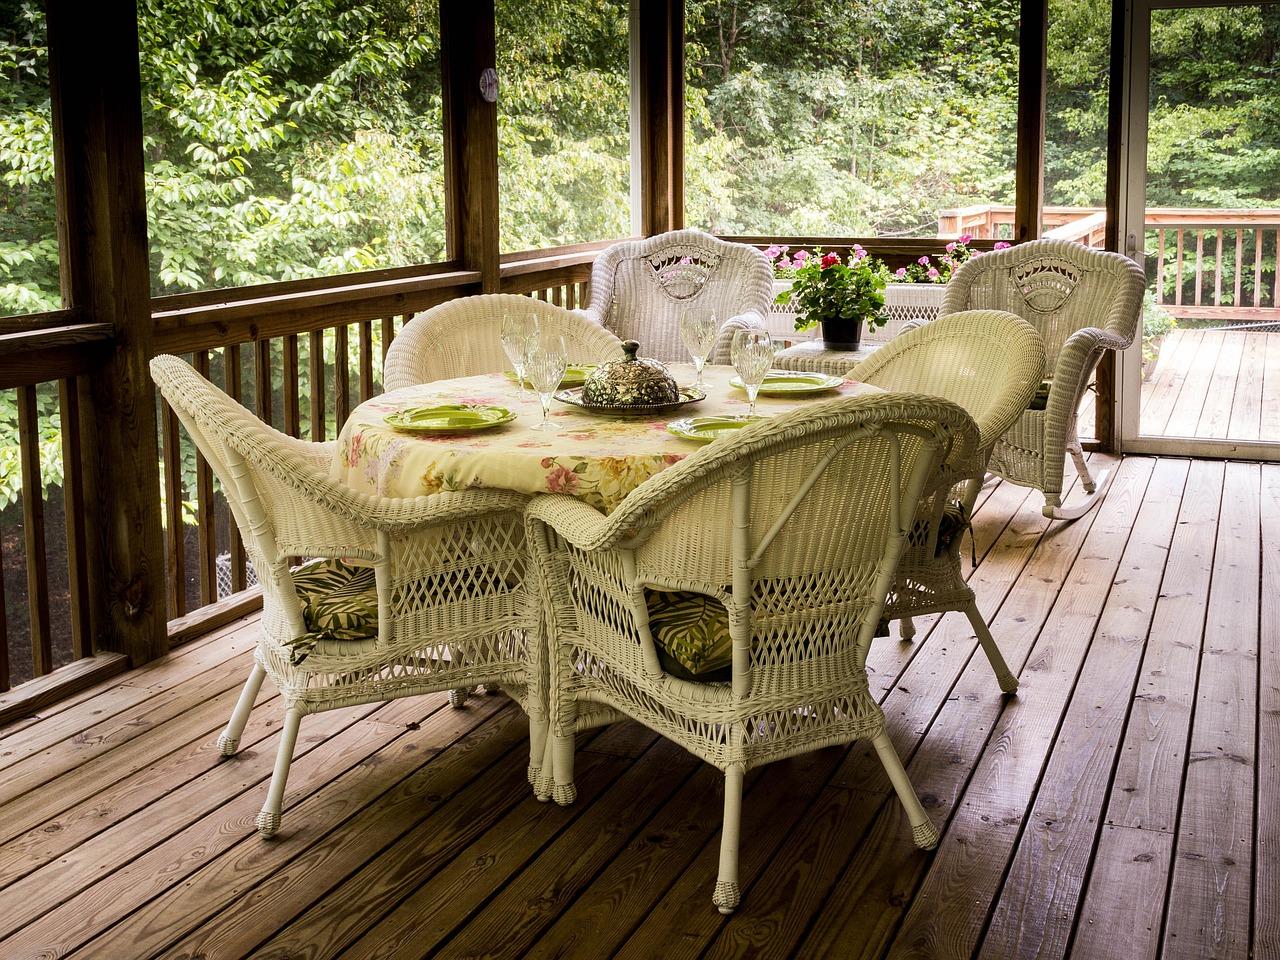 Terrasse Sitzgruppe Veranda Garten